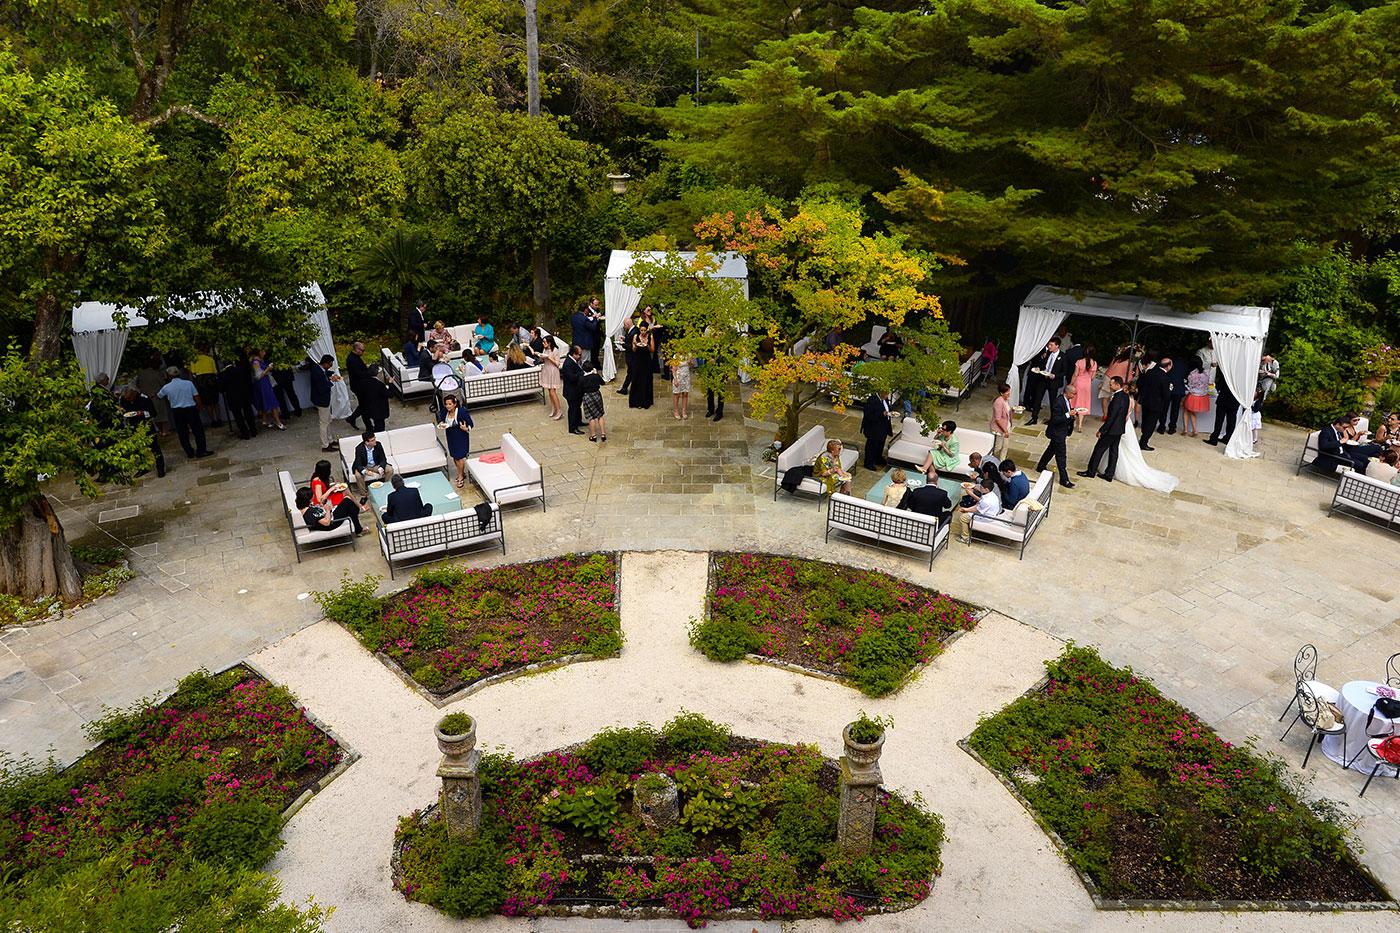 Il giardino all 39 italiana di tenuta lucagiovanni maglio - Giardino all italiana ...